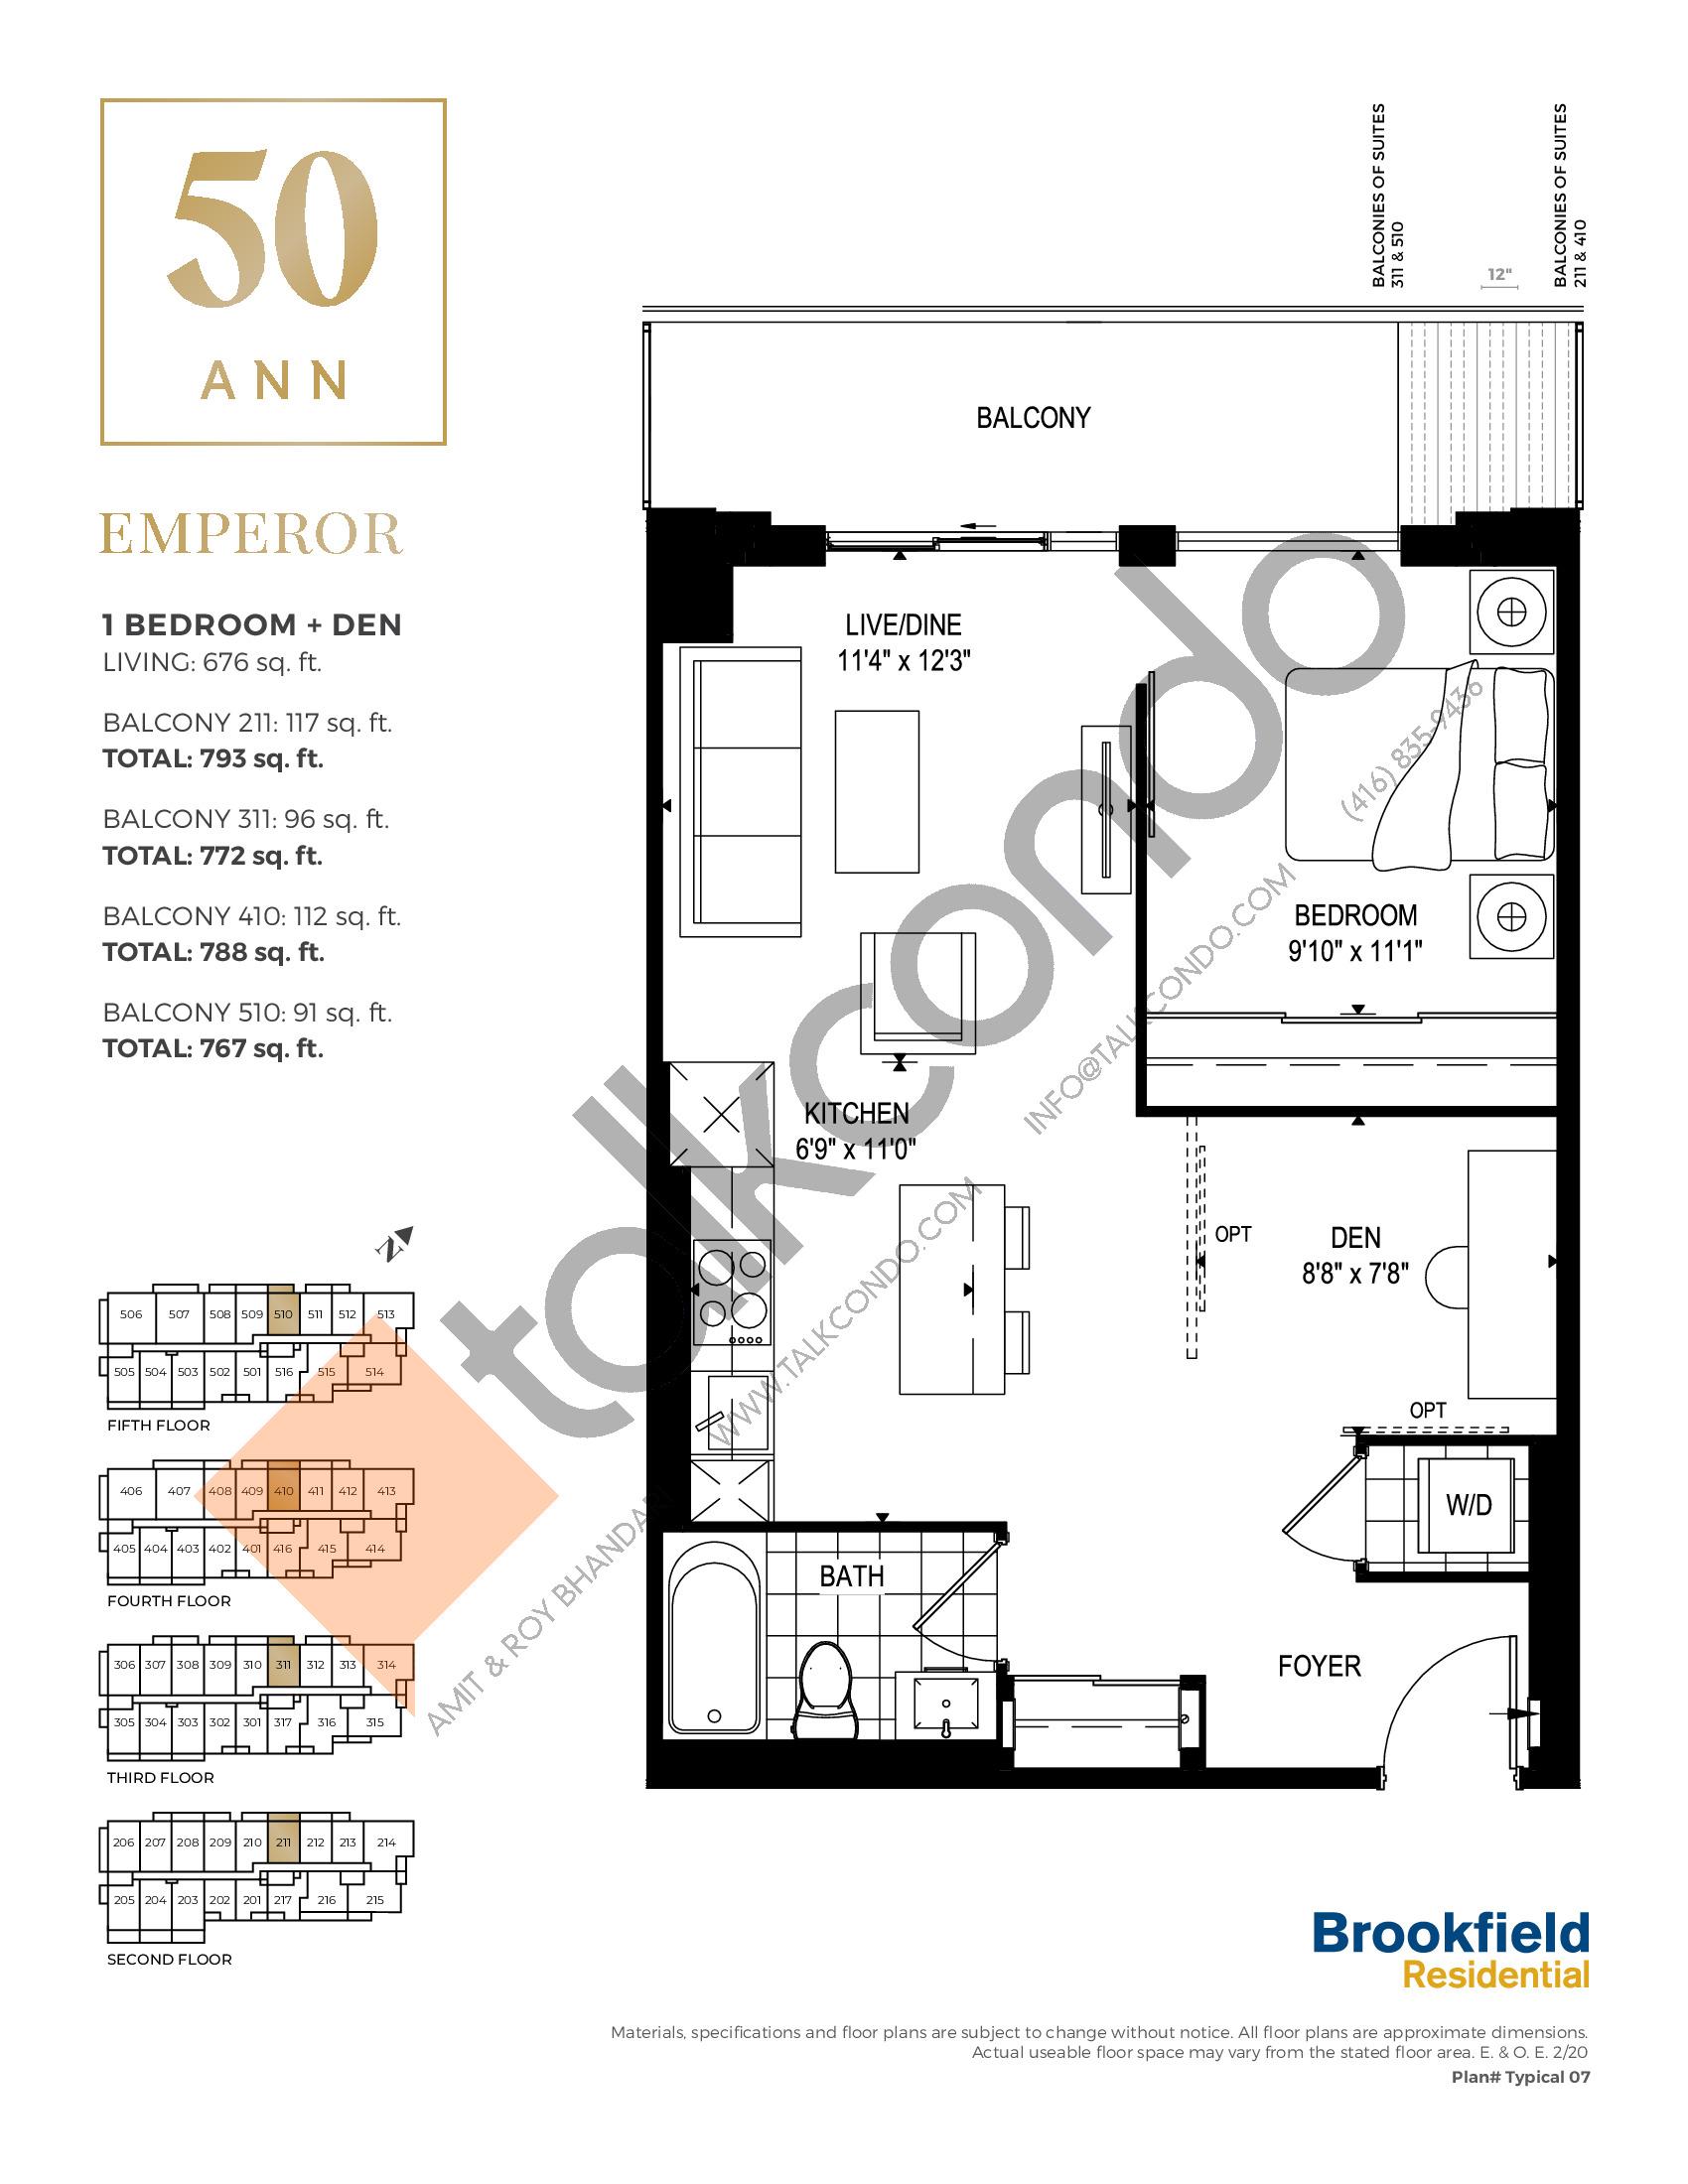 Emperor Floor Plan at 50 Ann Condos - 676 sq.ft